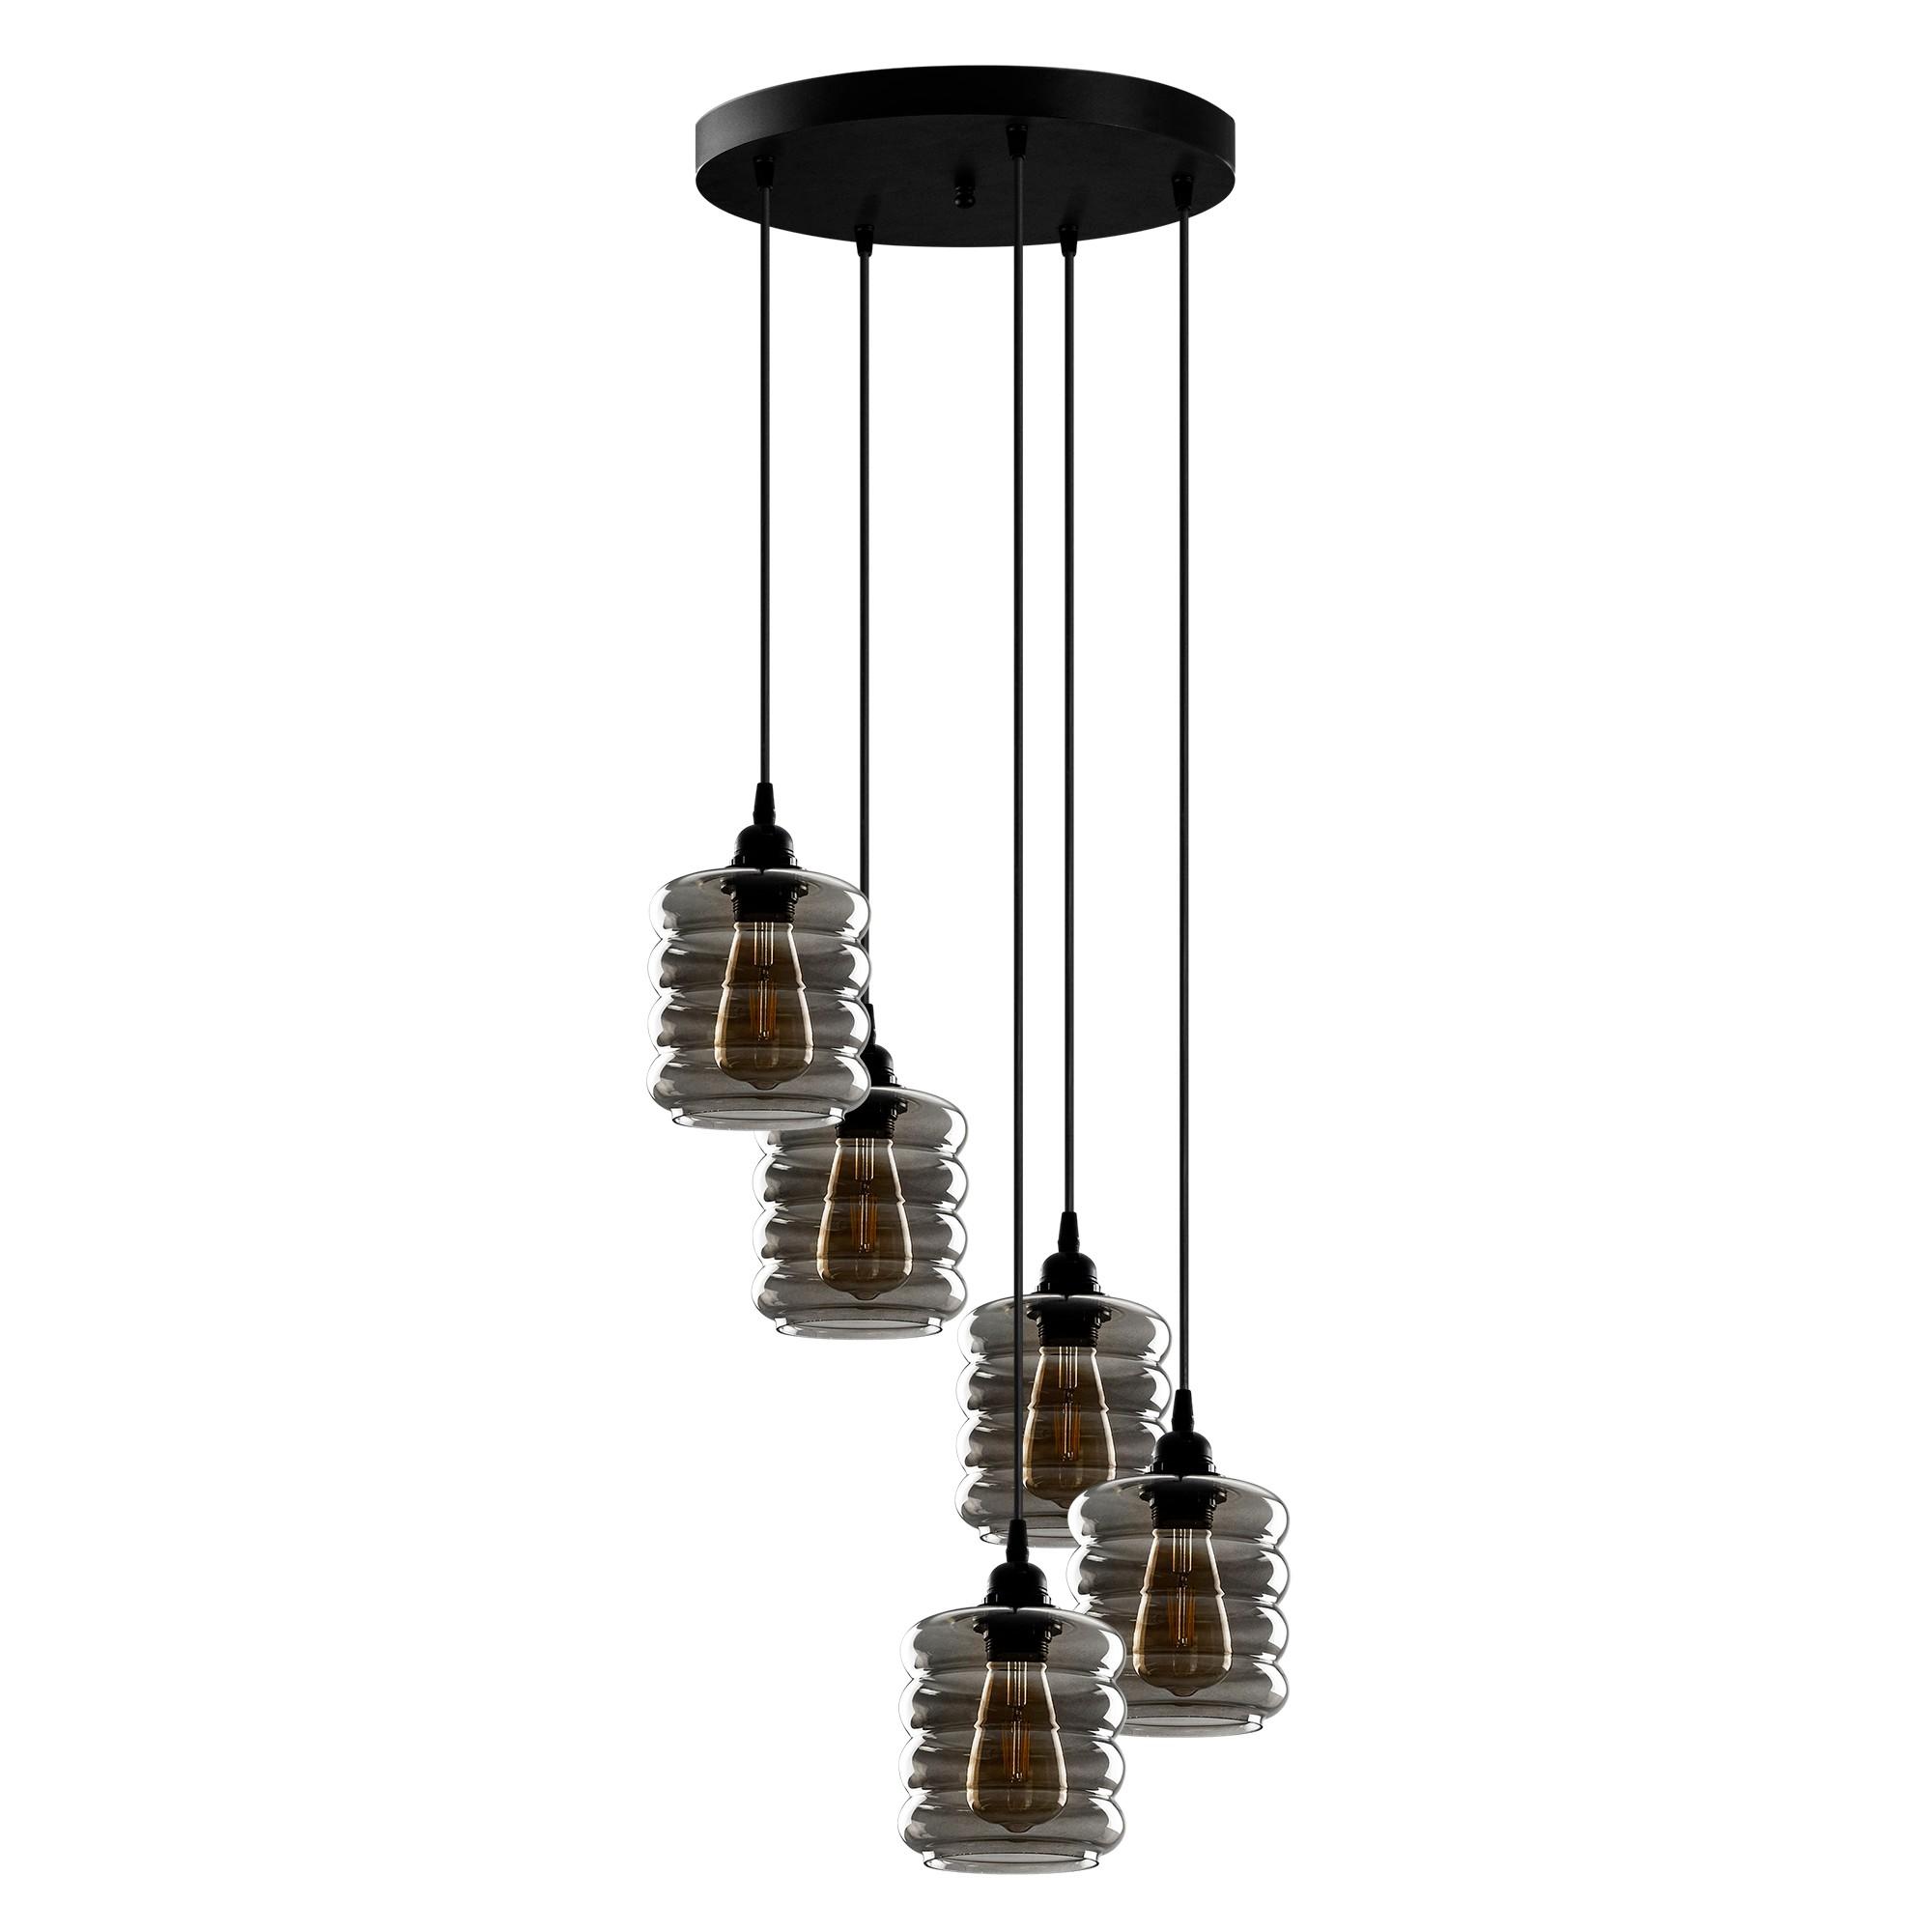 Hanglamp gerookt glas 5 keer E27 fitting - vooraanzicht lampen uit